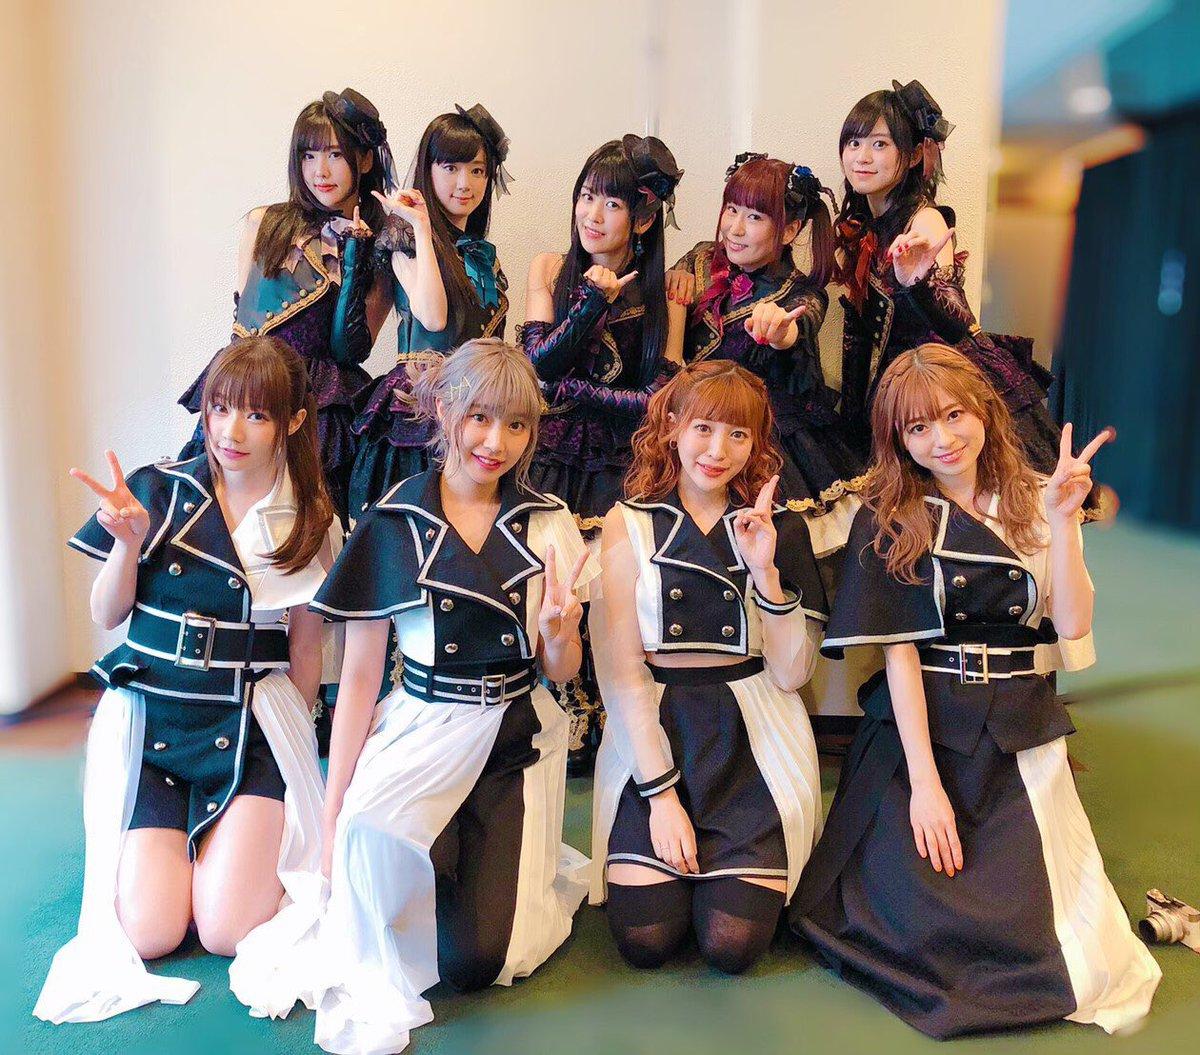 「NO GIRL NO CRY」ありがとうございました!初ドーム、最高の景色でした!!明日は舞浜でトークイベントです⚡︎よろしくね〜〜 #ngnc